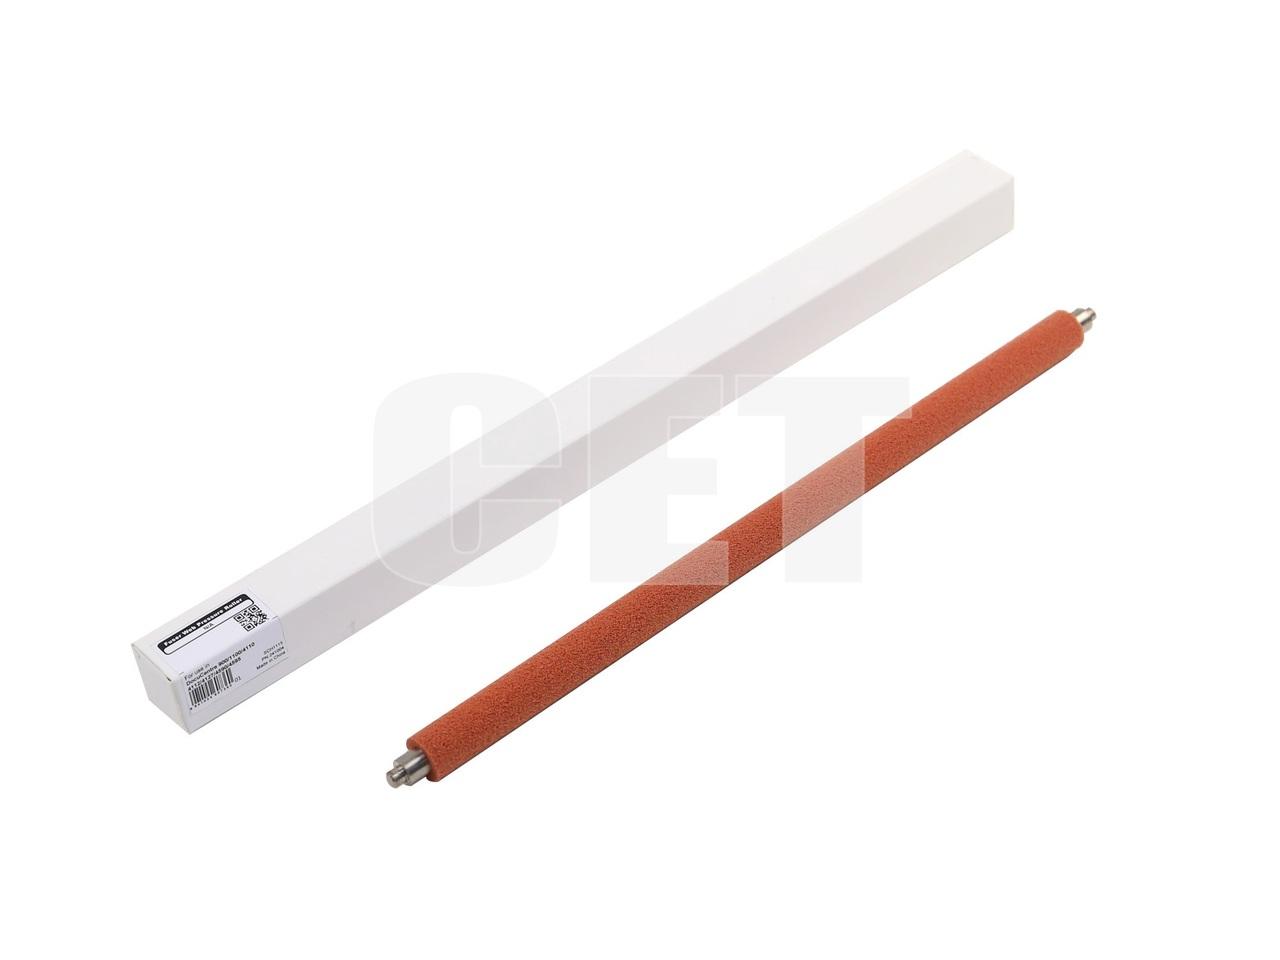 Прижимной вал ленты очистки фьюзера для XEROXWorkCentre 4110/4590/4595 (CET), CET241004